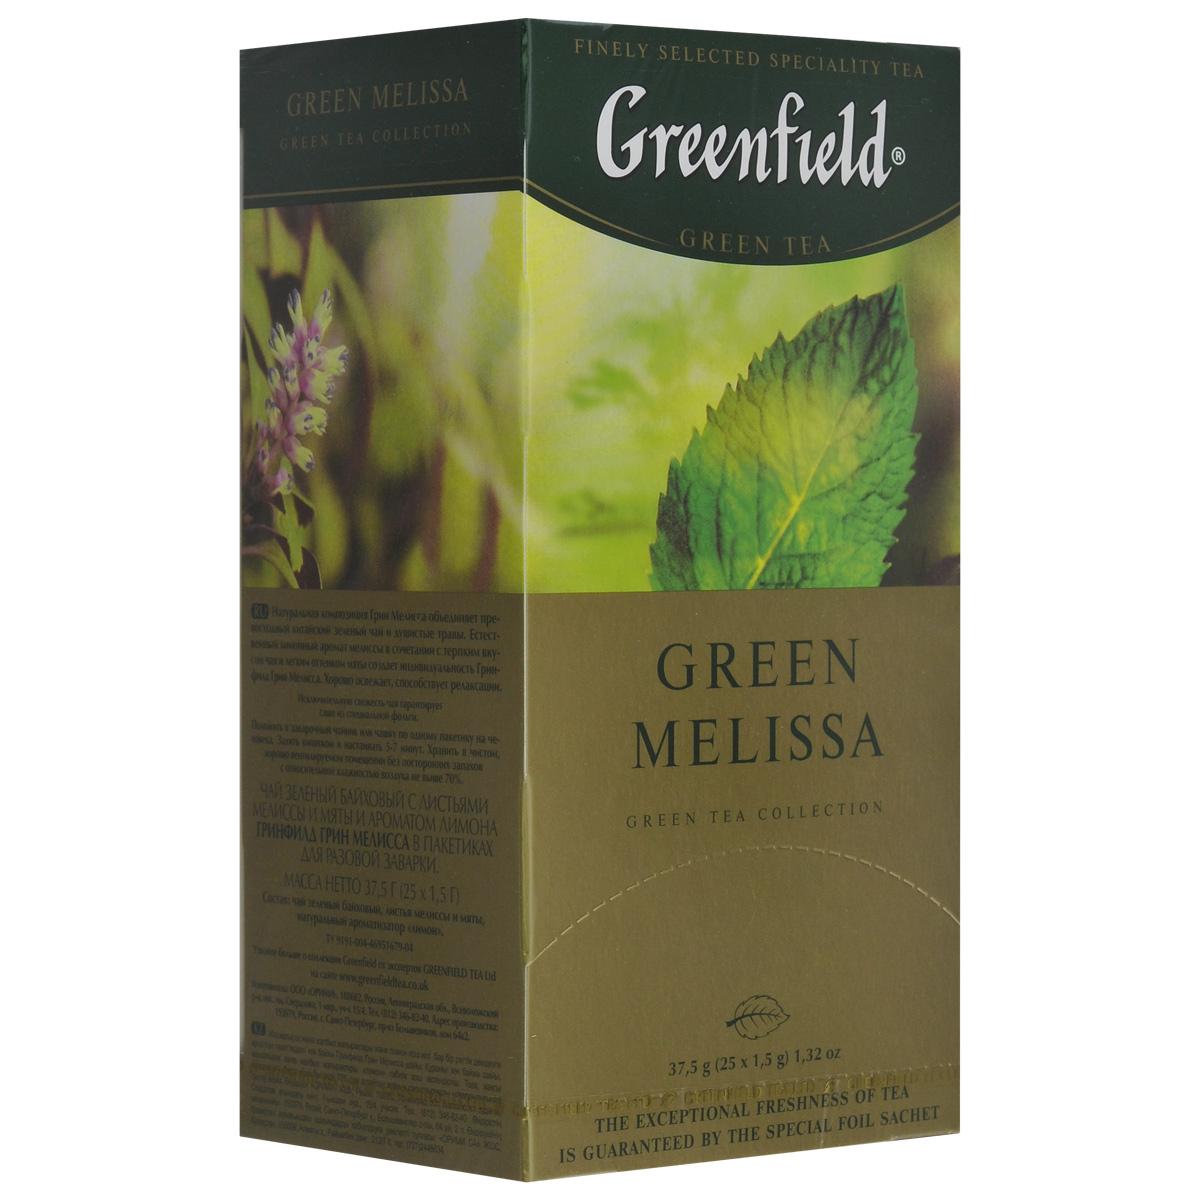 Greenfield Green Melissa зеленый чай в пакетиках, 25 шт greenfield jasmine dream зеленый ароматизированный листовой чай 100 г